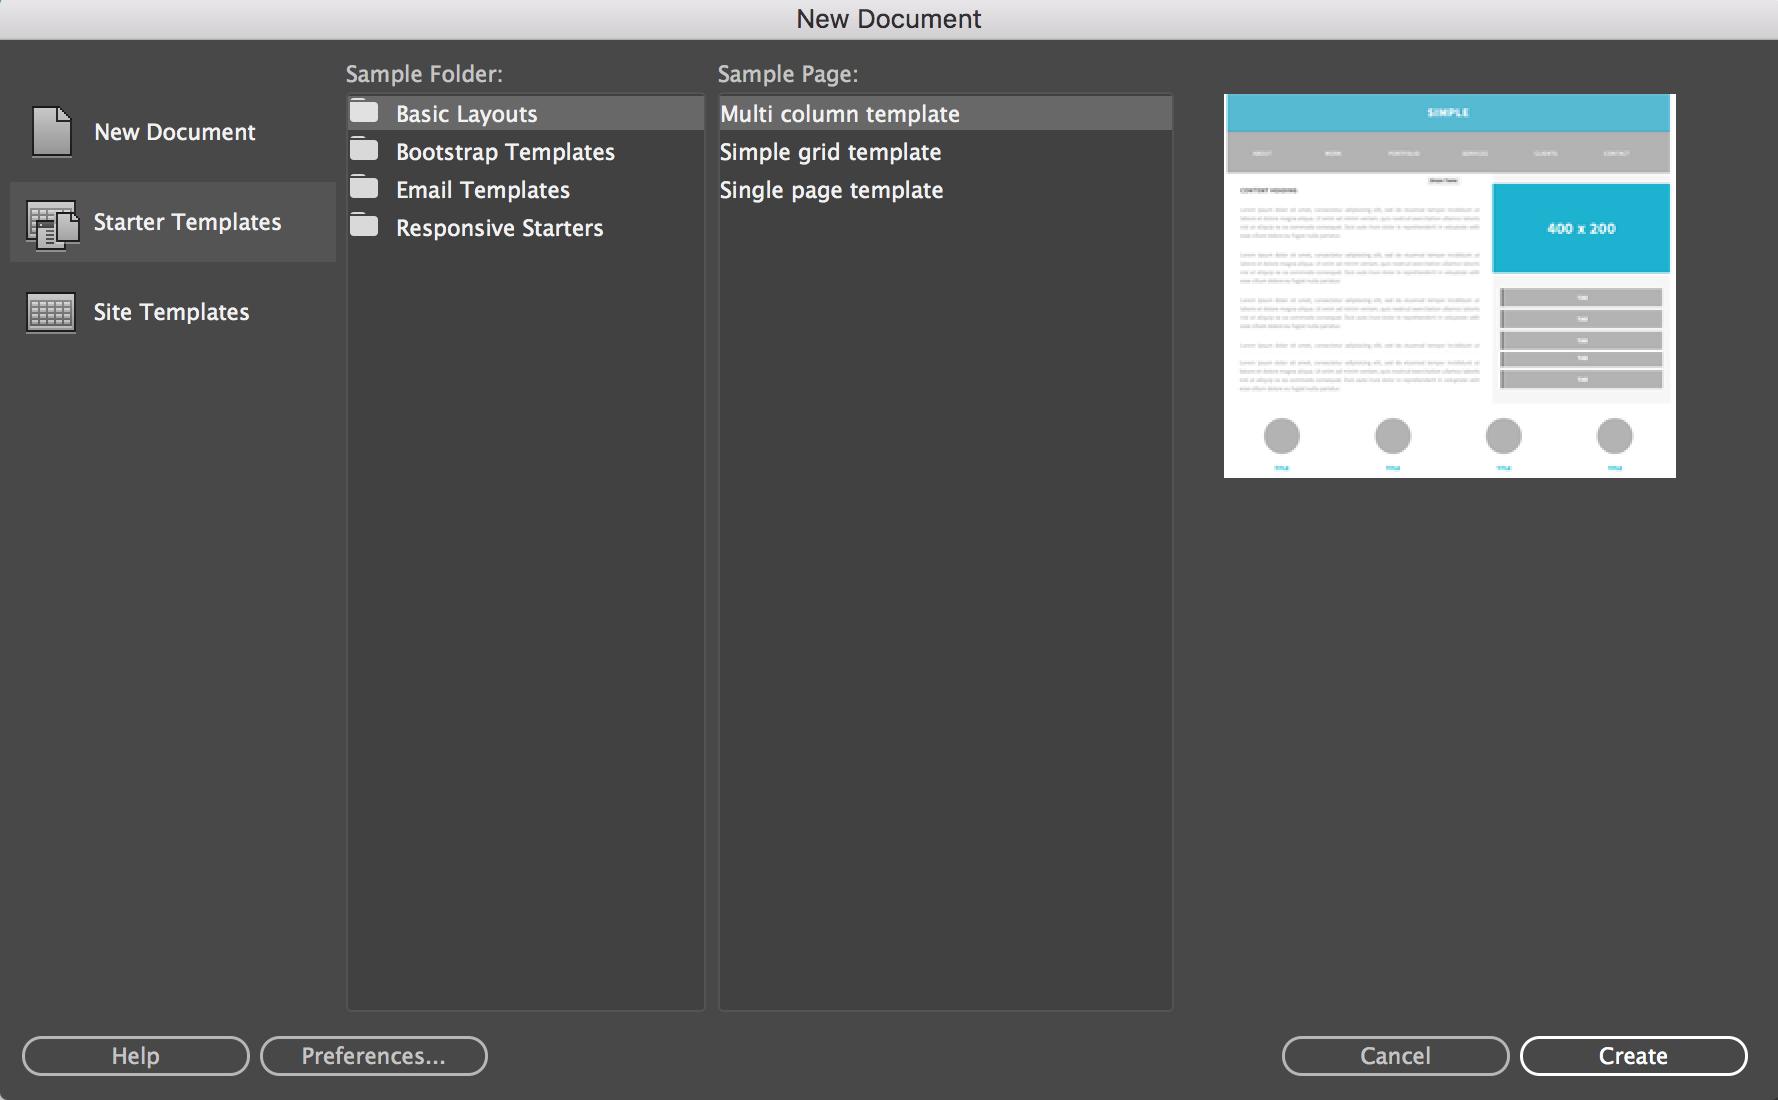 Как в dreamweaver сделать многстраничный сайт как сделать свой сайт с доменом 3 уровня